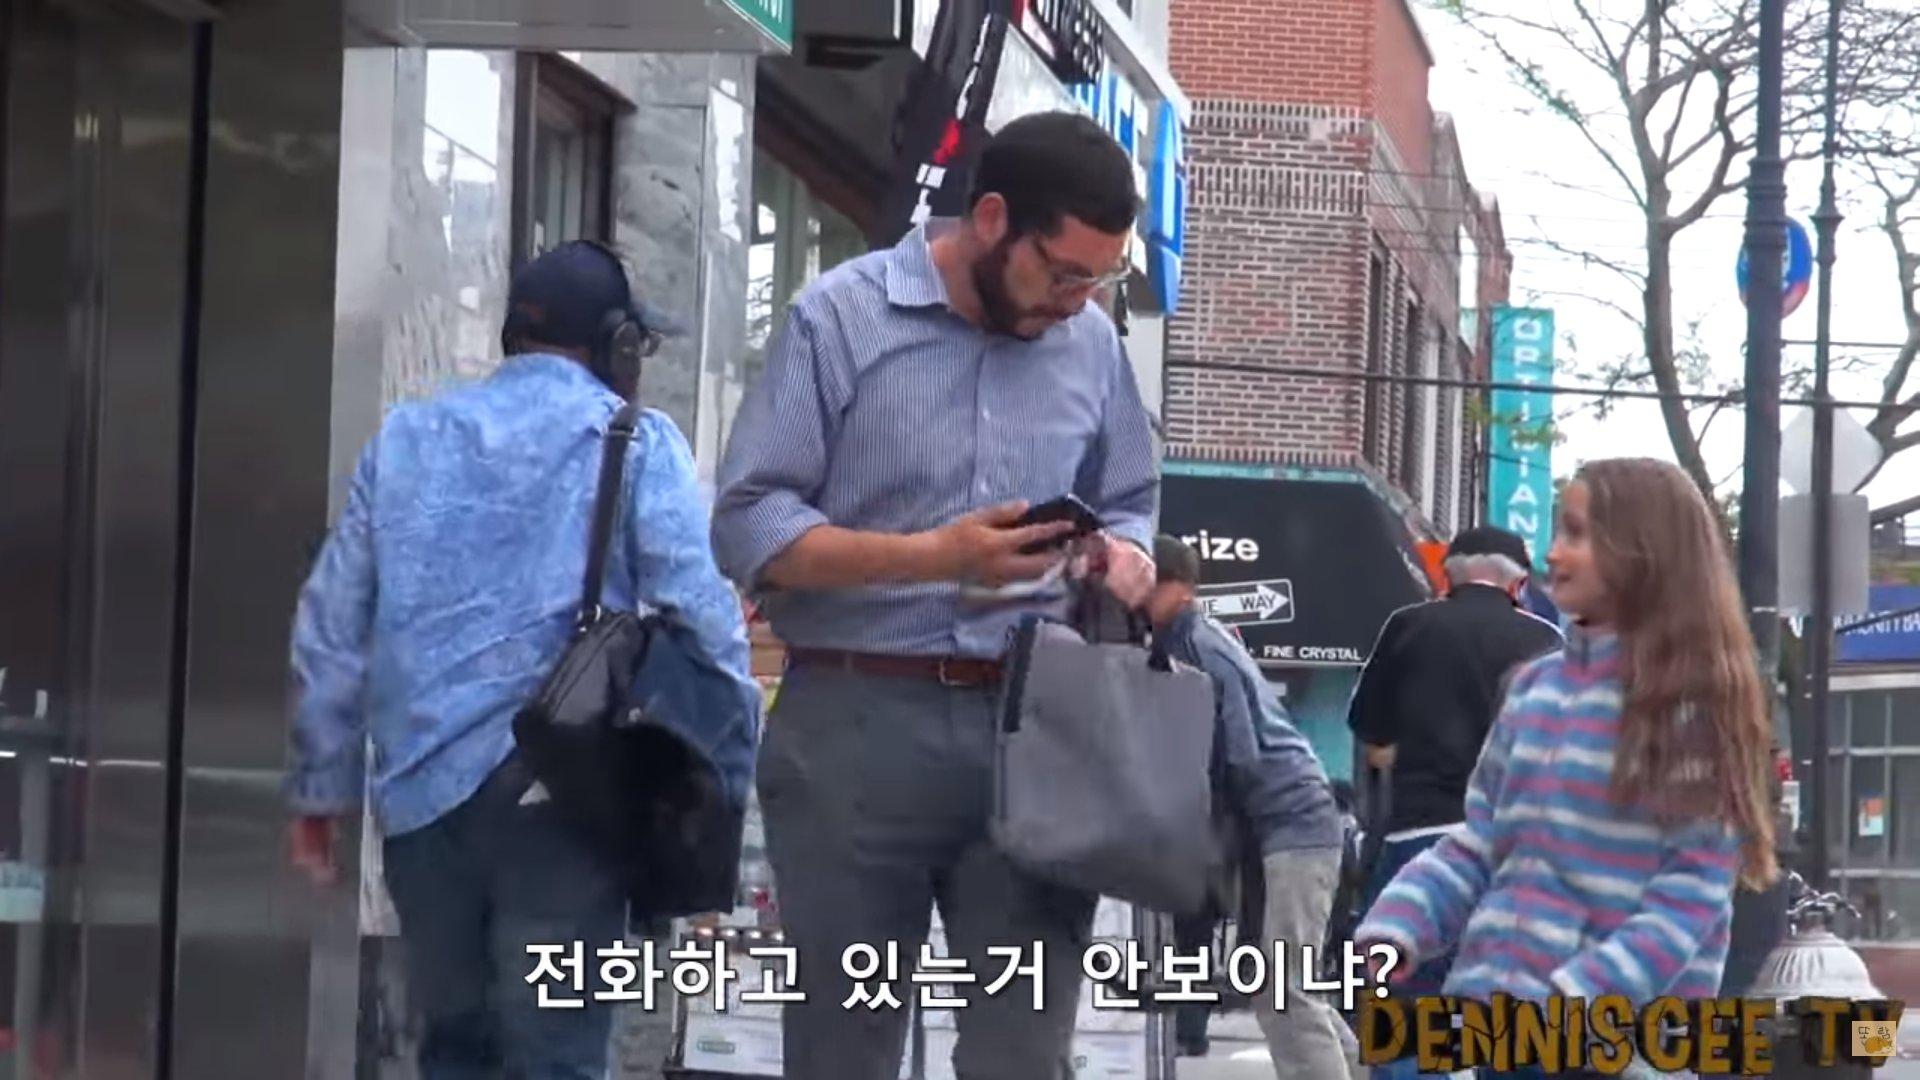 """123123123 - """"사람들은 길 잃은 아이를 도와줄까?"""" 친절한 사람들 사이에 있었던 남성의 정체 (영상)"""